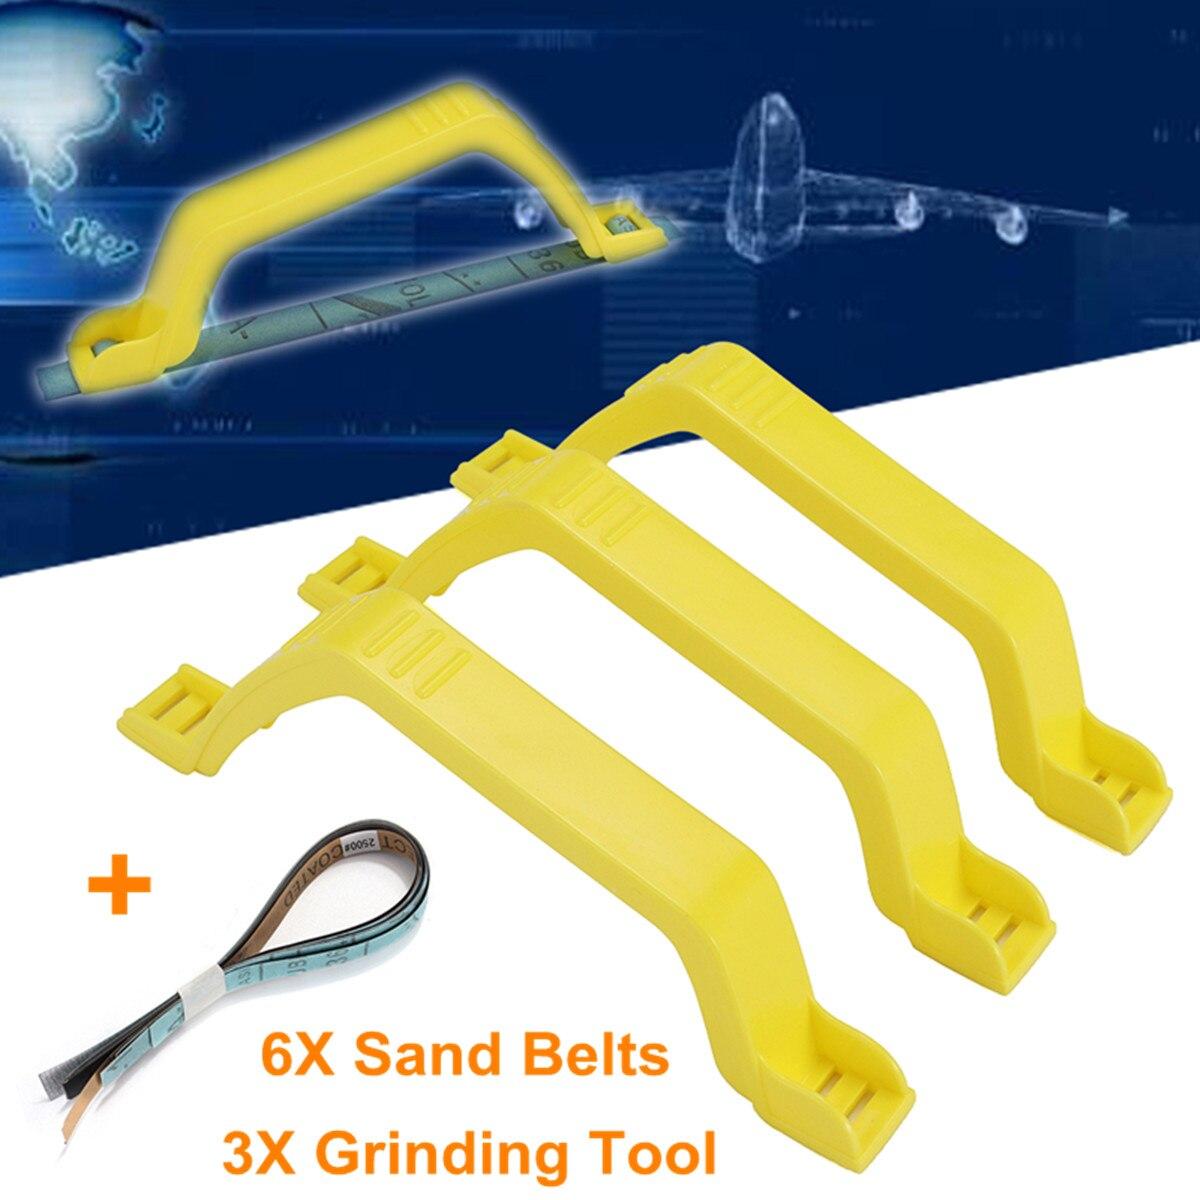 3Pcs/Set Sanding Polish Grinding Tools Bow Handle Modeling Holder 6Pcs Sandpaper Kit Abrasive Tools Grinder Polisher Accessories